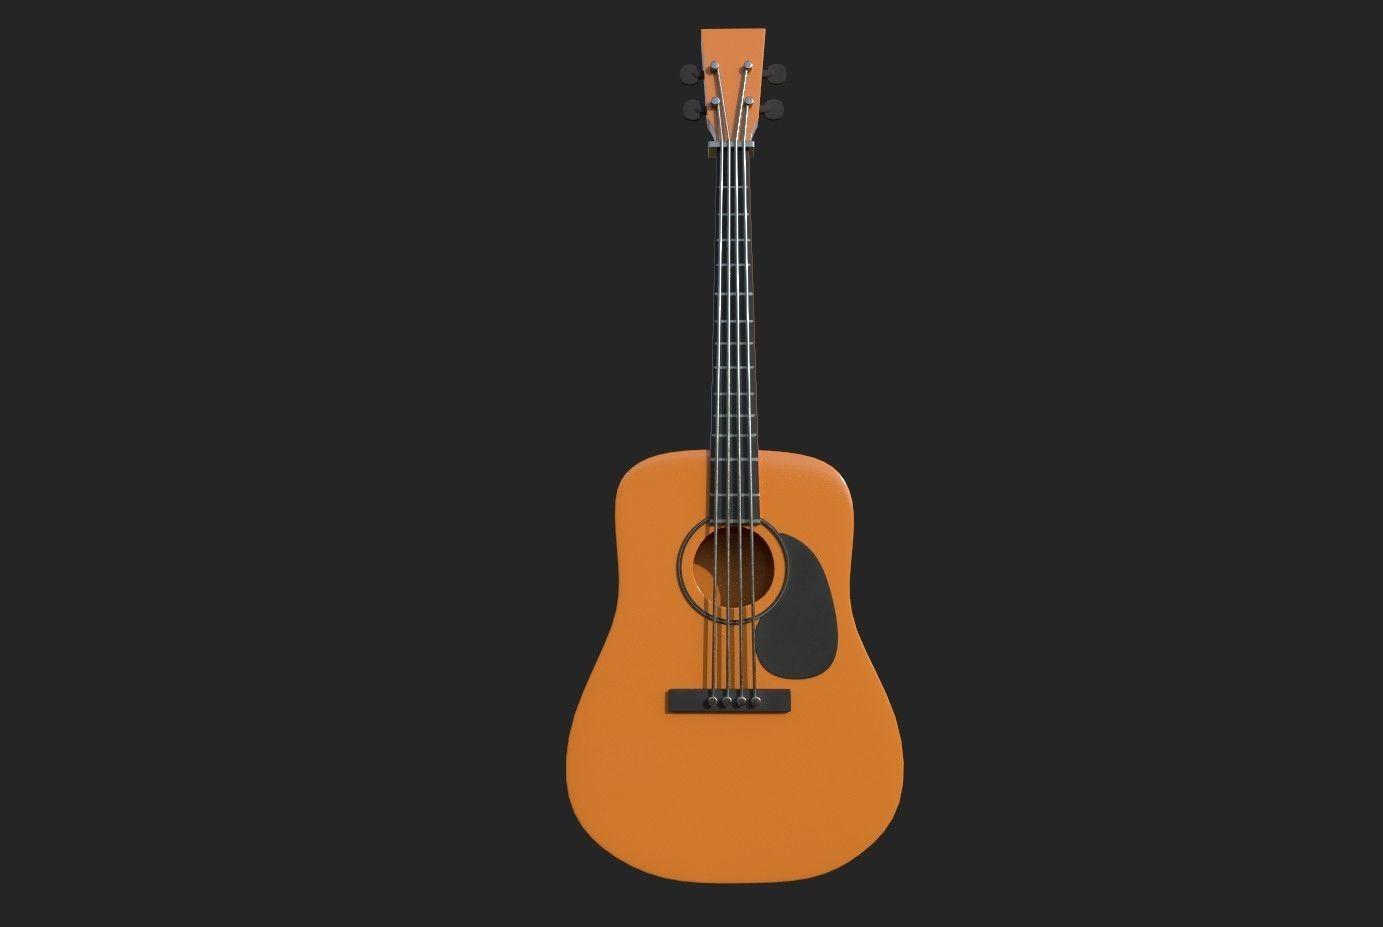 Guitar orange